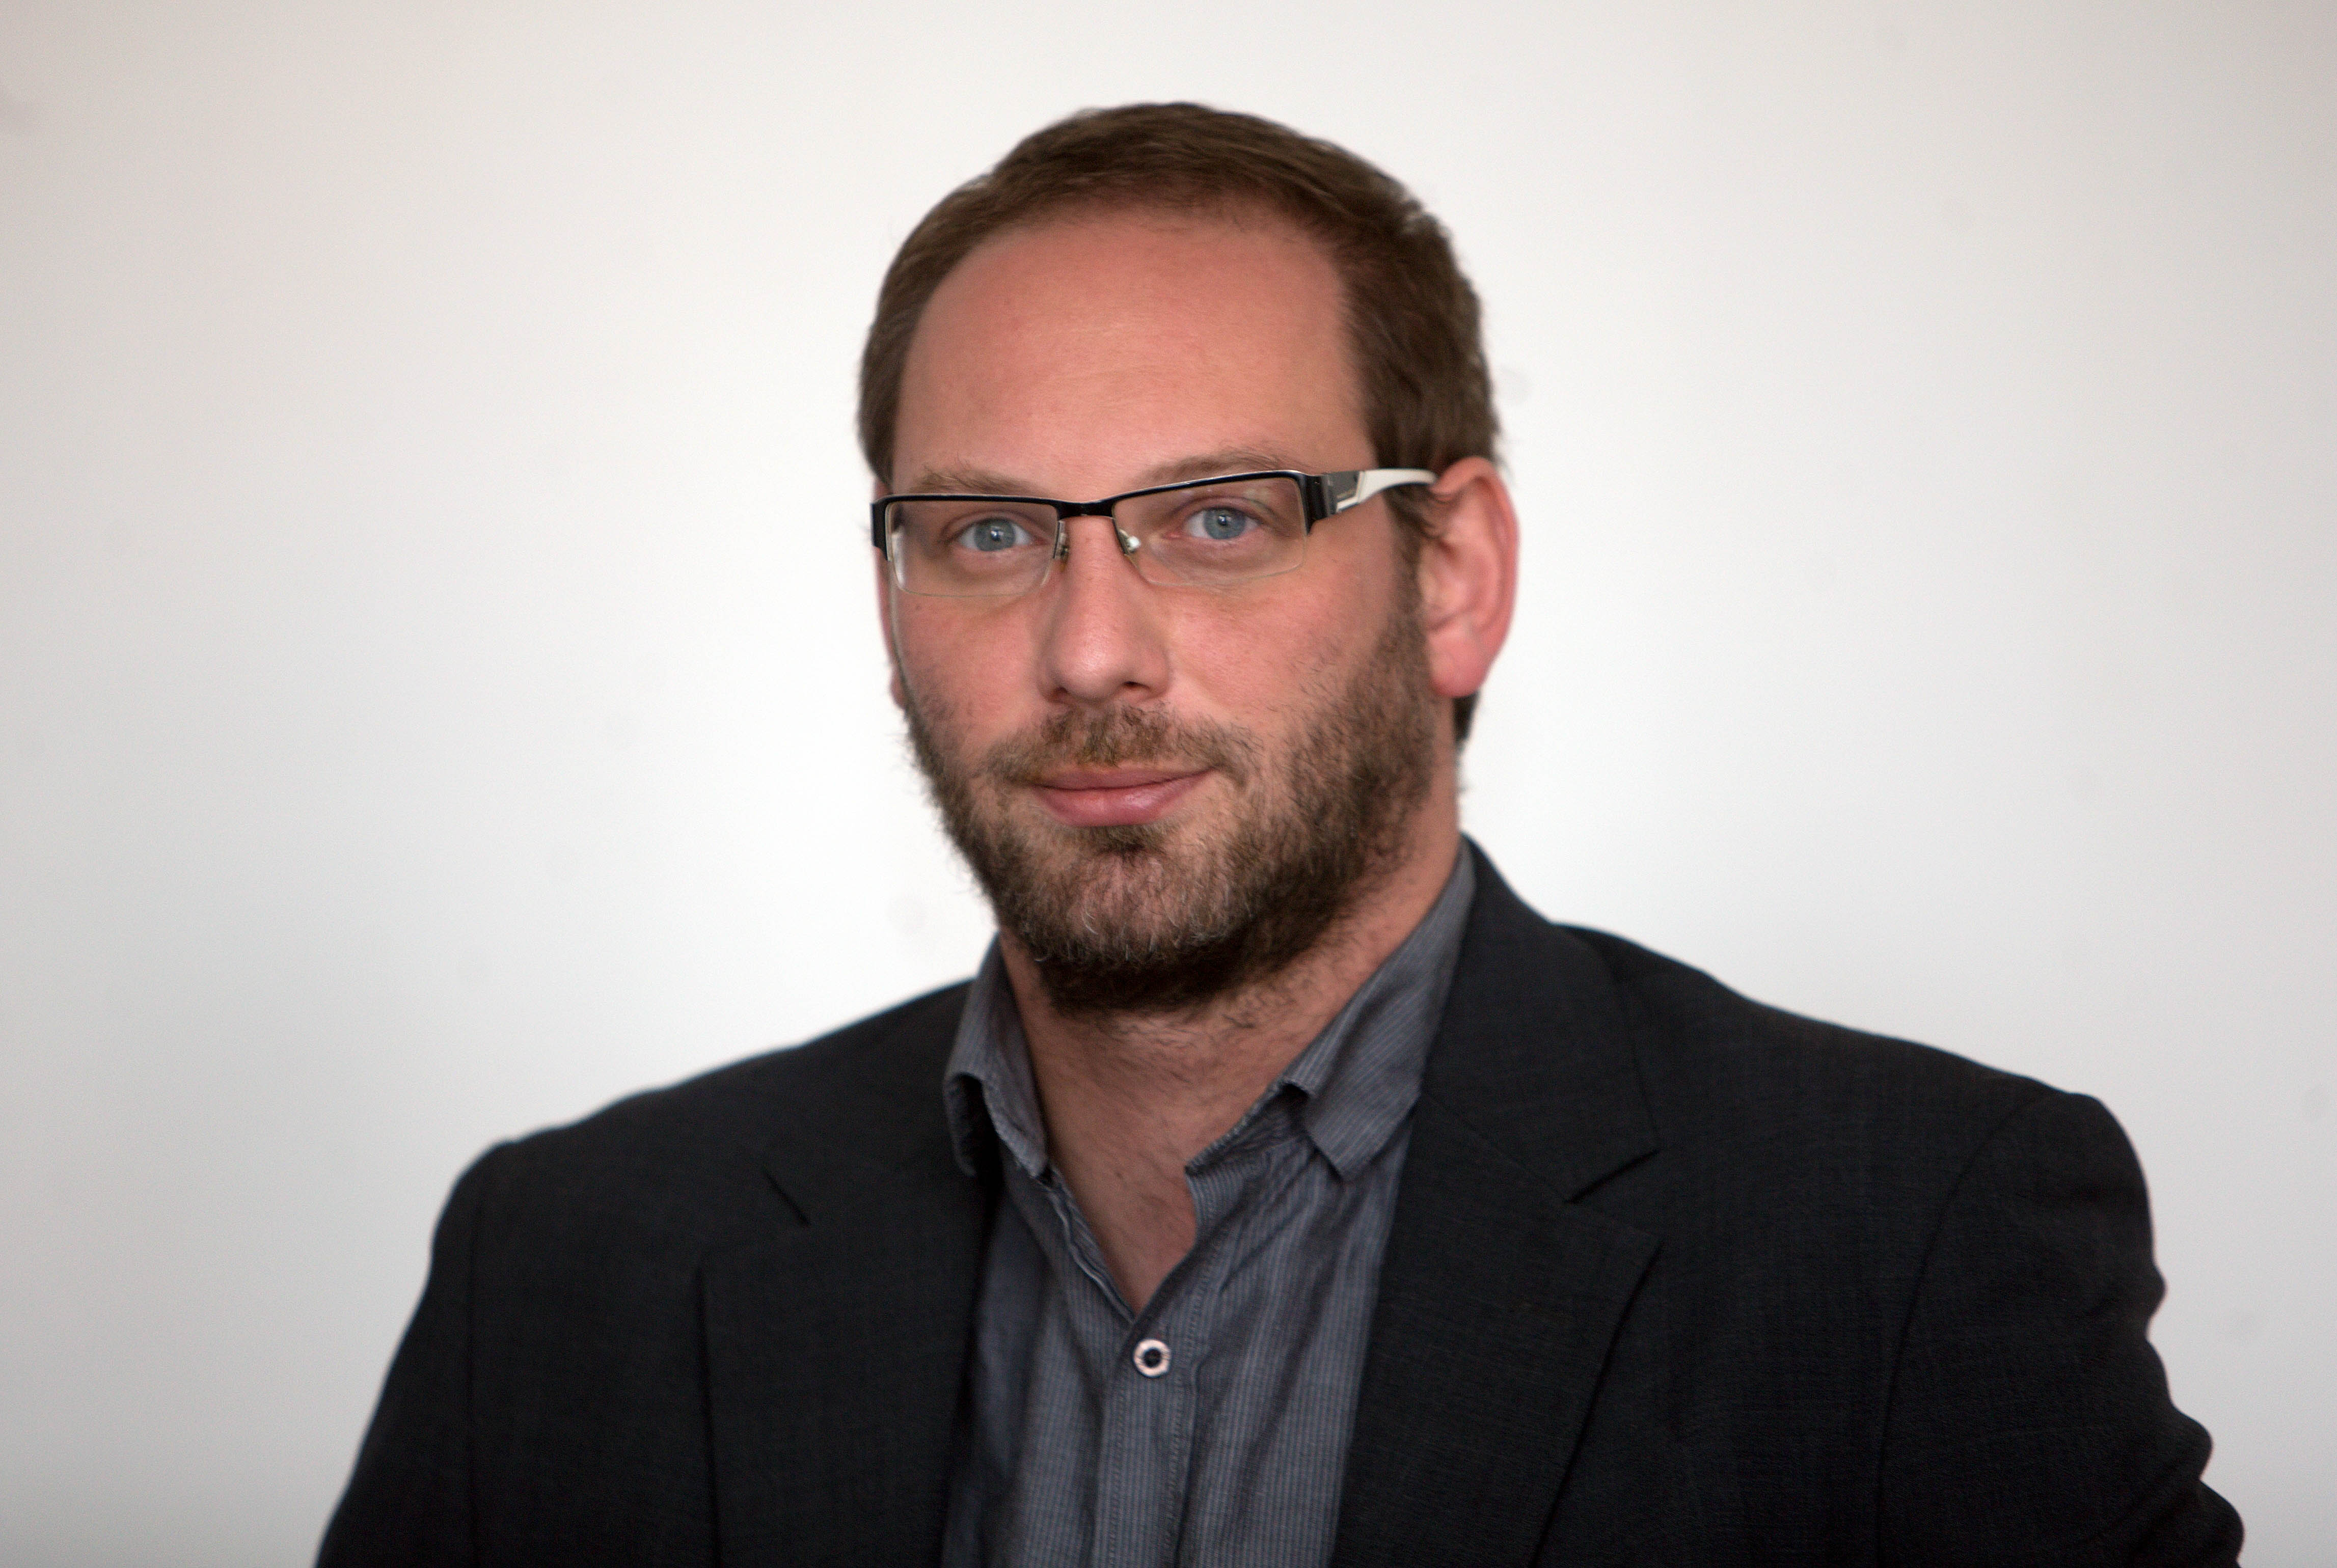 Martin Dostál odpovídá: Jak probíhá nastolování témat v Olomouckém deníku a jak do něj zasahujete vy jakožto šéfredaktor?